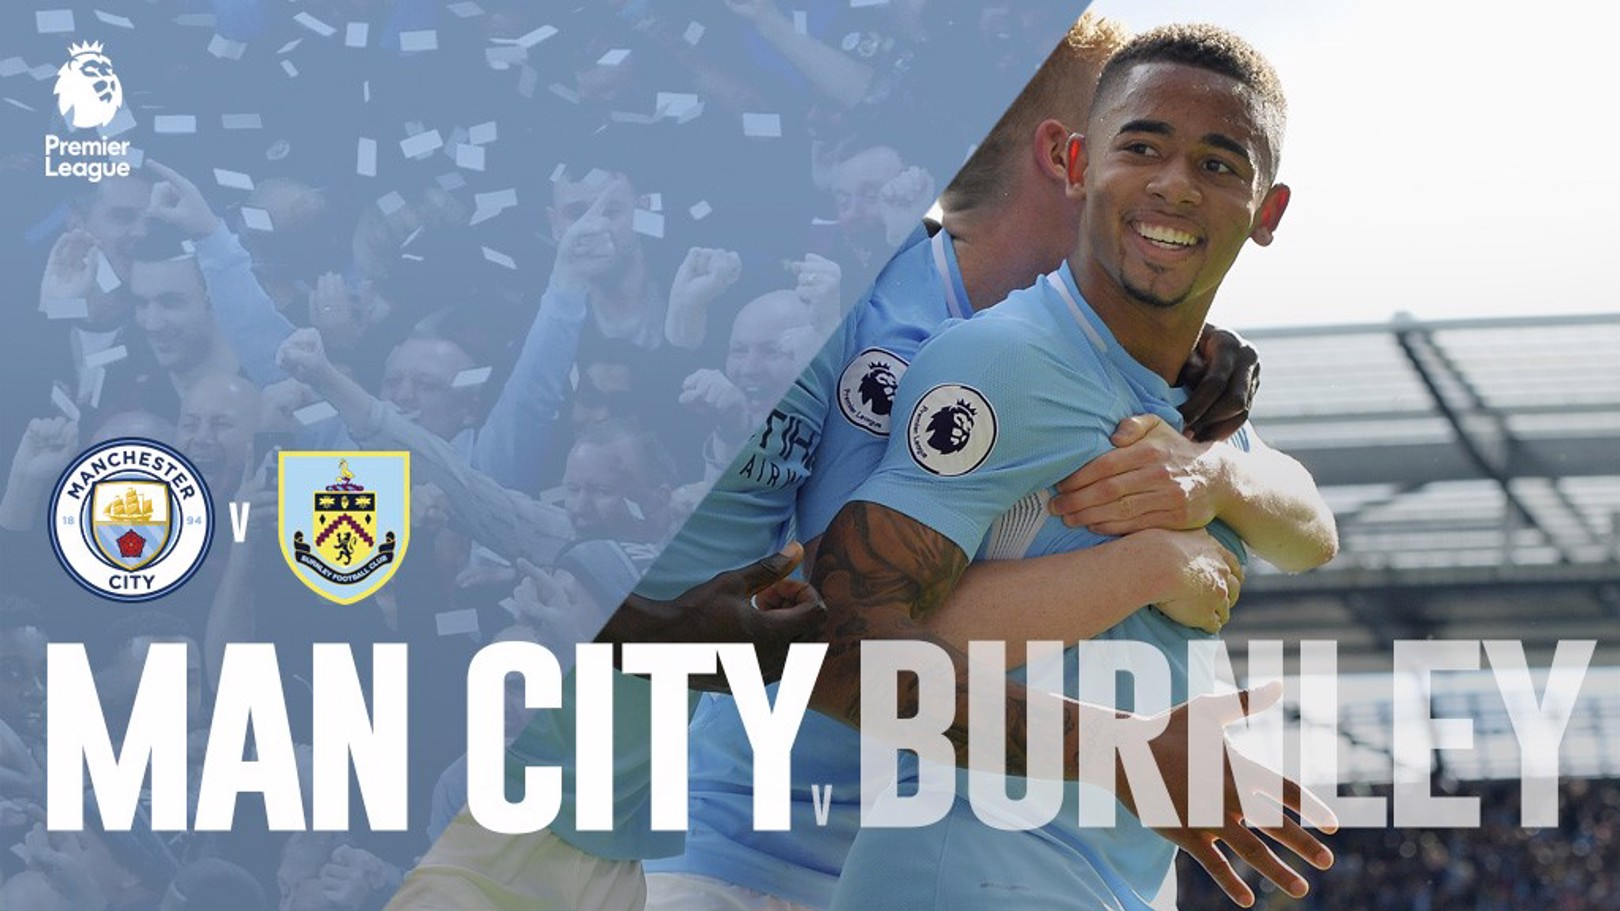 City vs Burnley